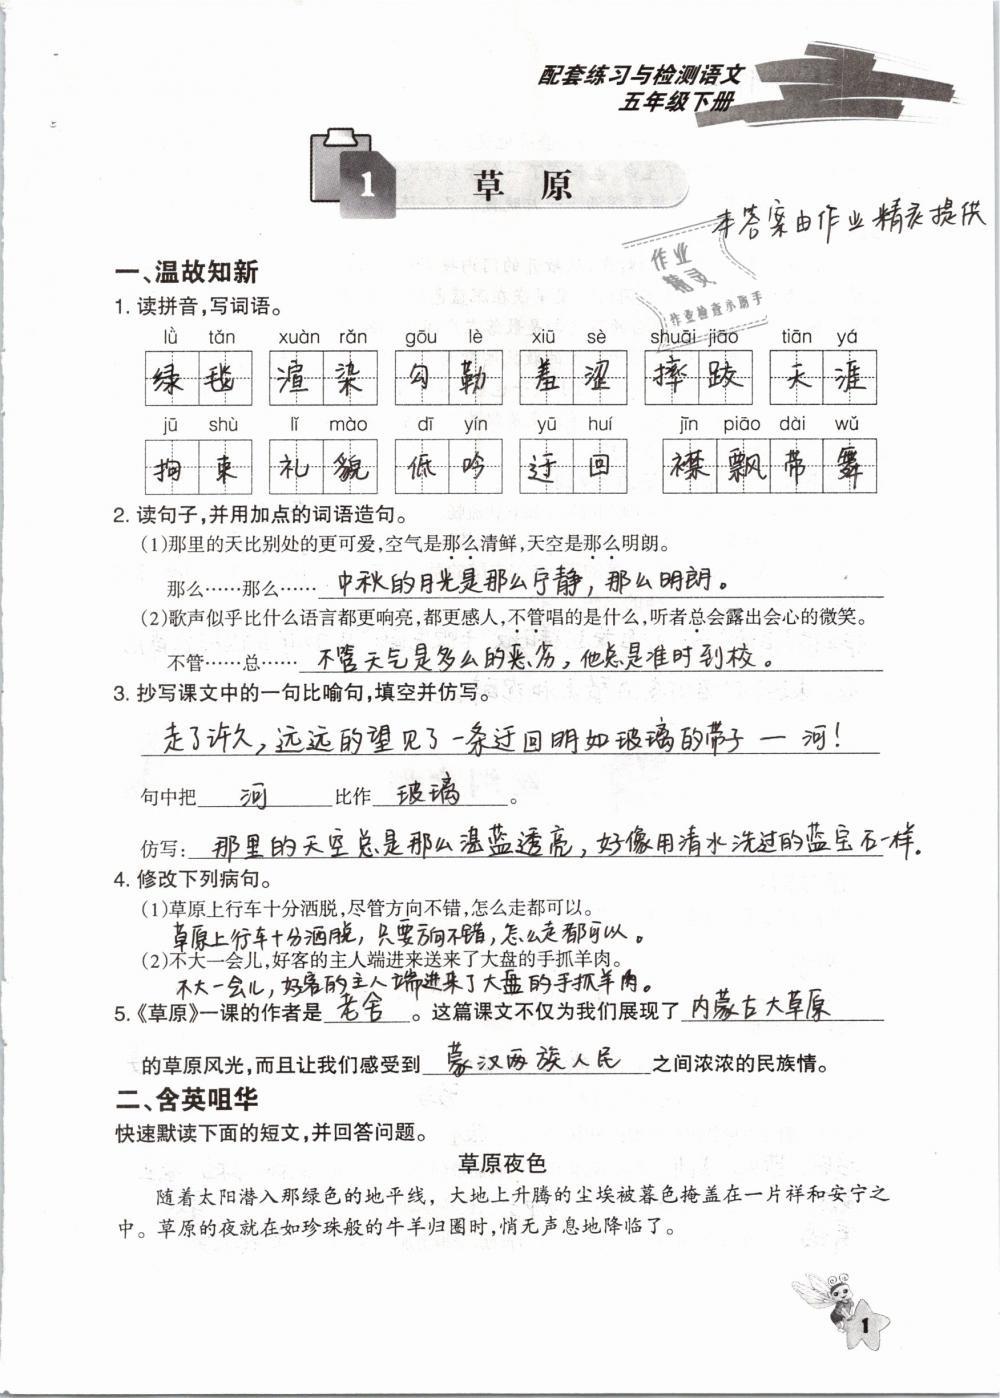 2019年配套练习与检测五年级语文下册人教版第1页